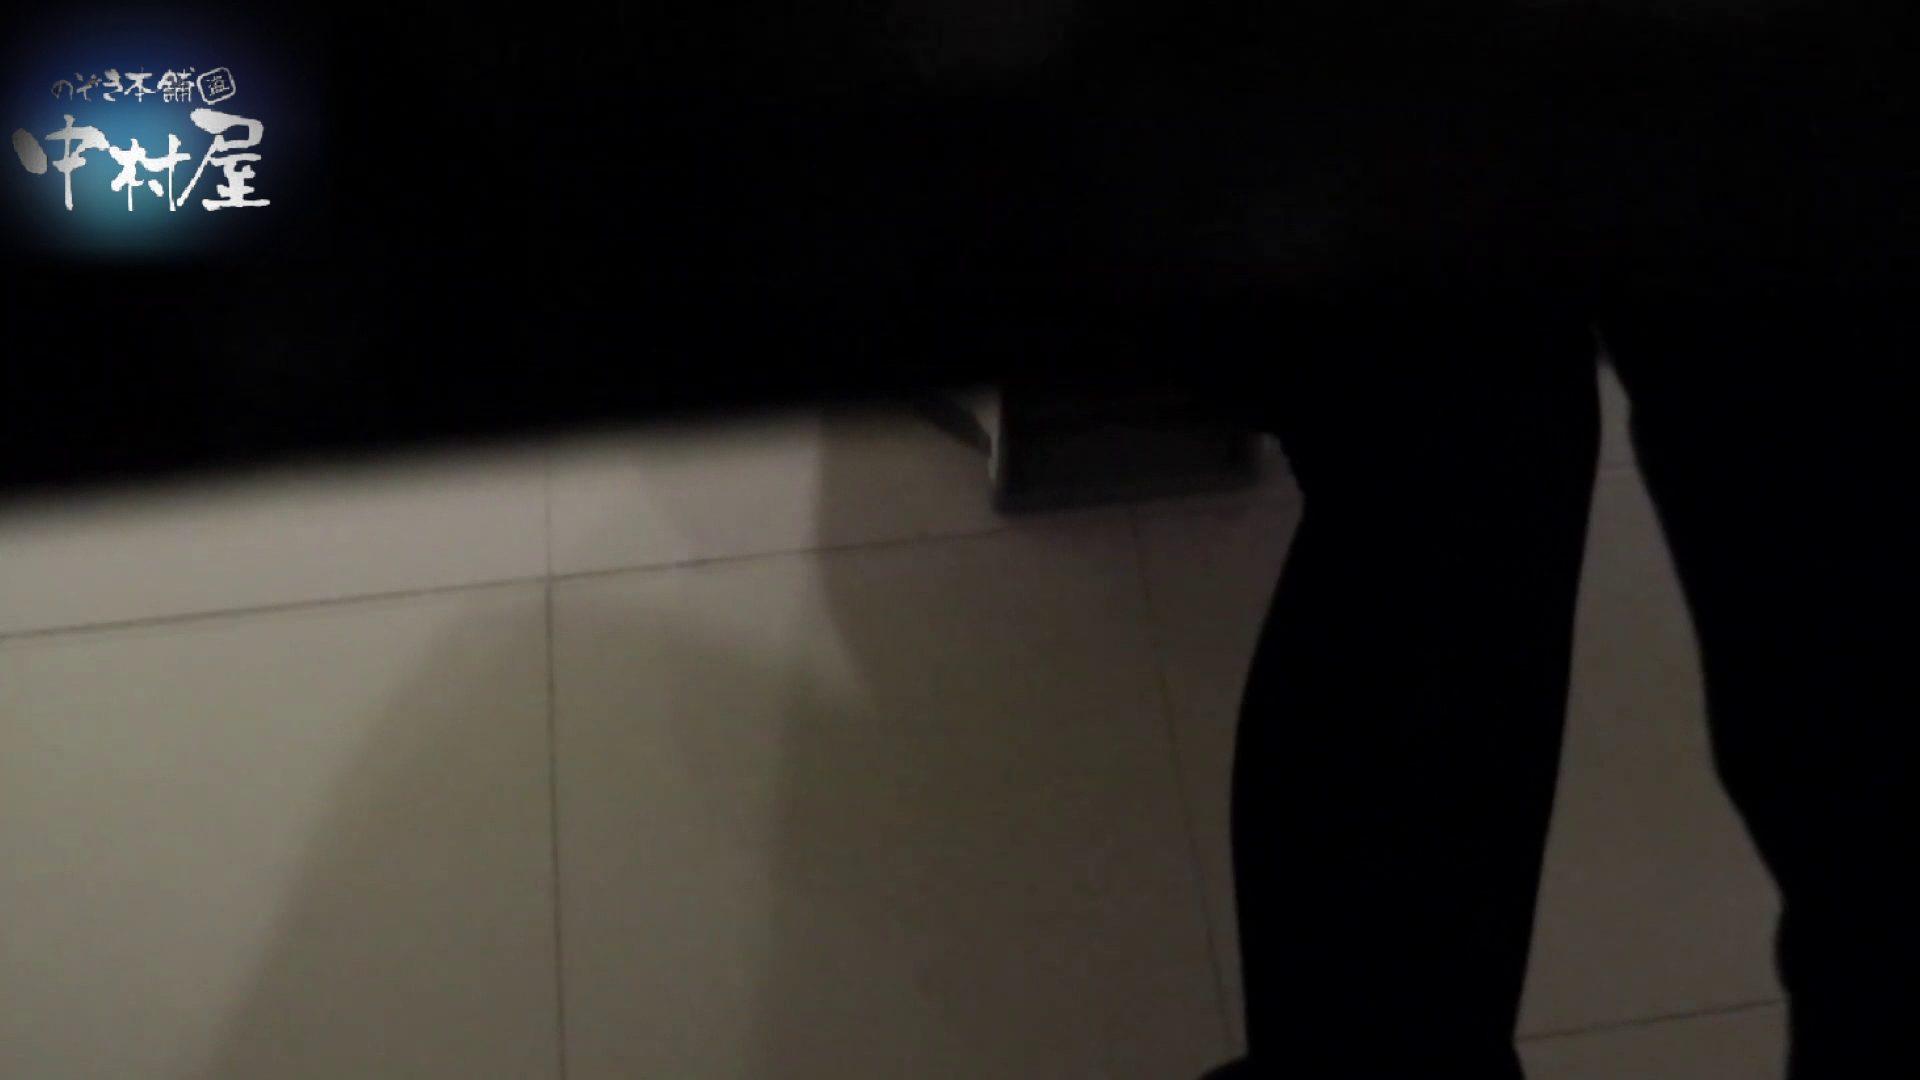 乙女集まる!ショッピングモール潜入撮vol.05 和式 隠し撮りすけべAV動画紹介 109PICs 71